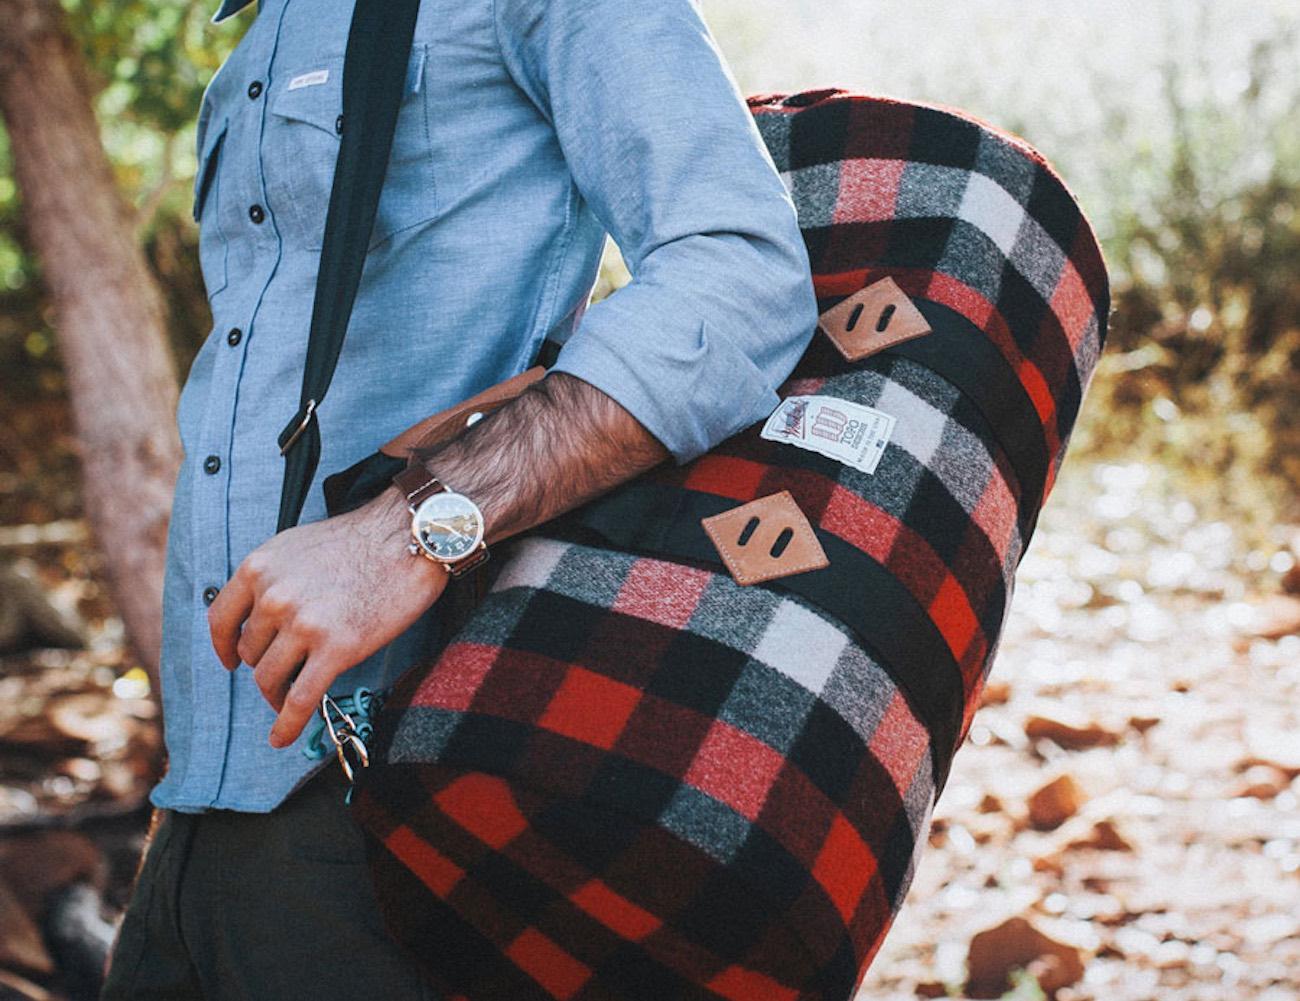 TOPO Designs x Woolrich Duffle Bag